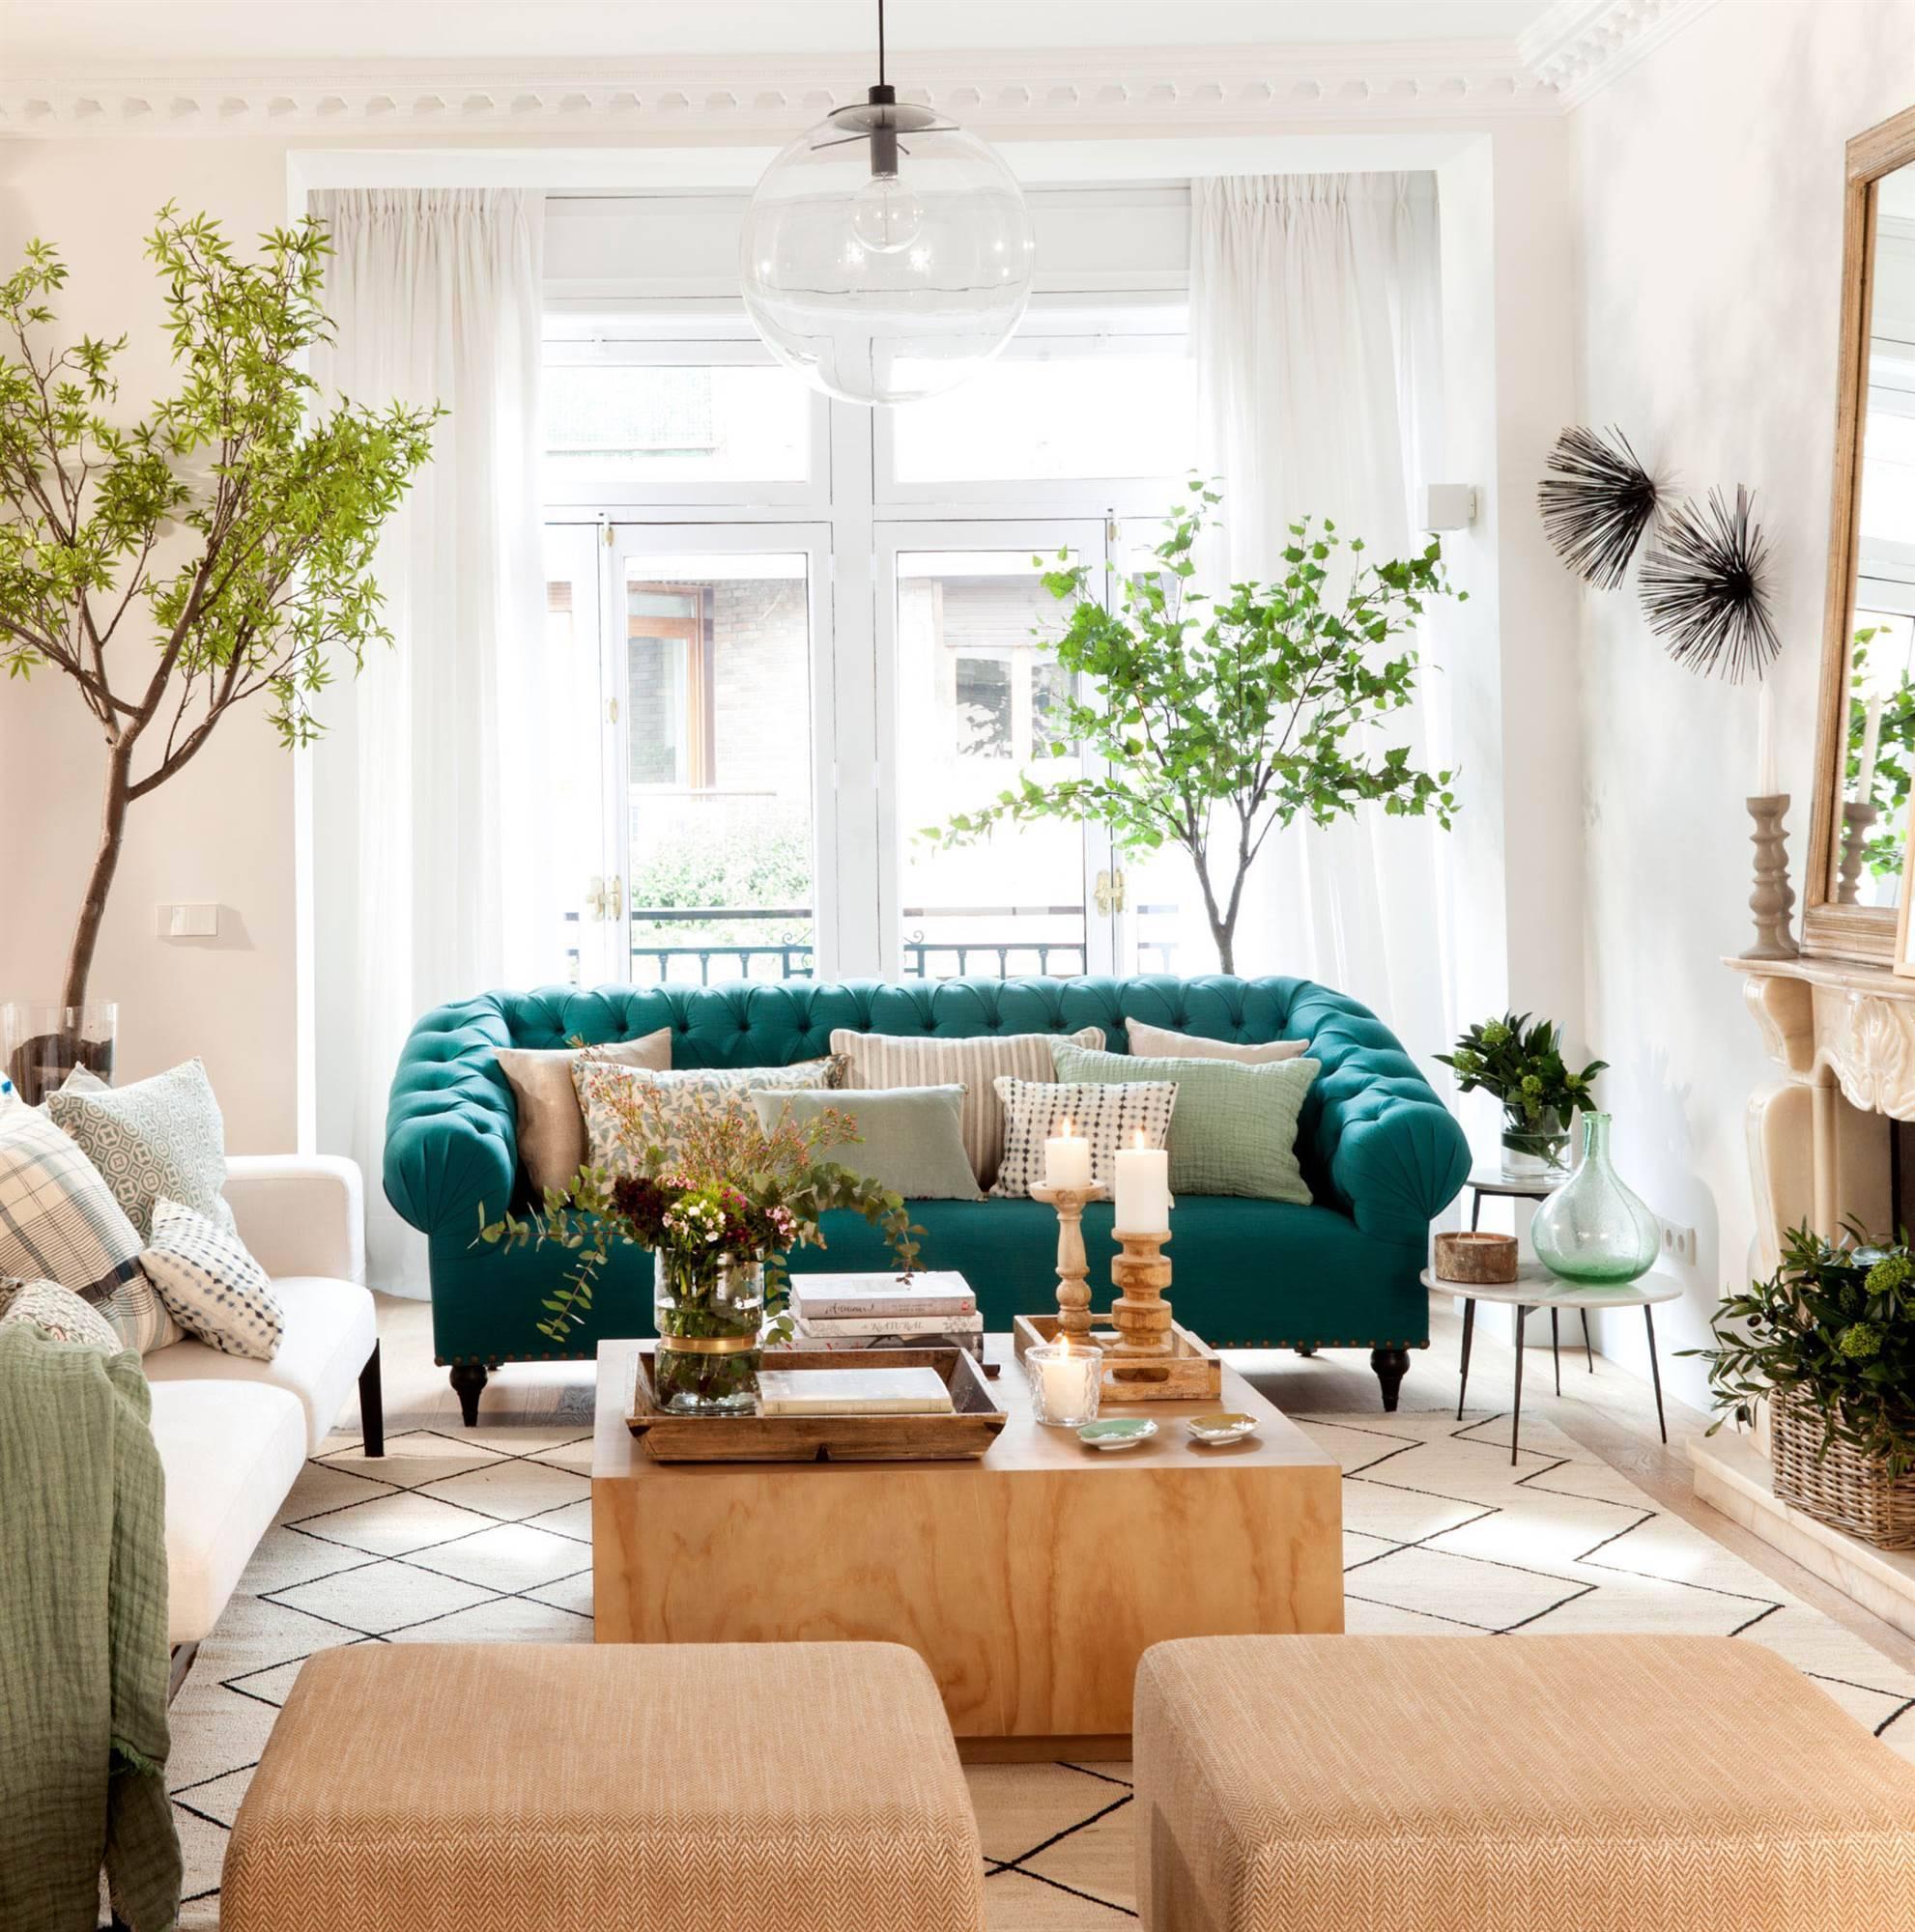 sofa-chester-tapizado-en-turquesa 00452052-o 05df1182 1982x2000. O incluso con verde